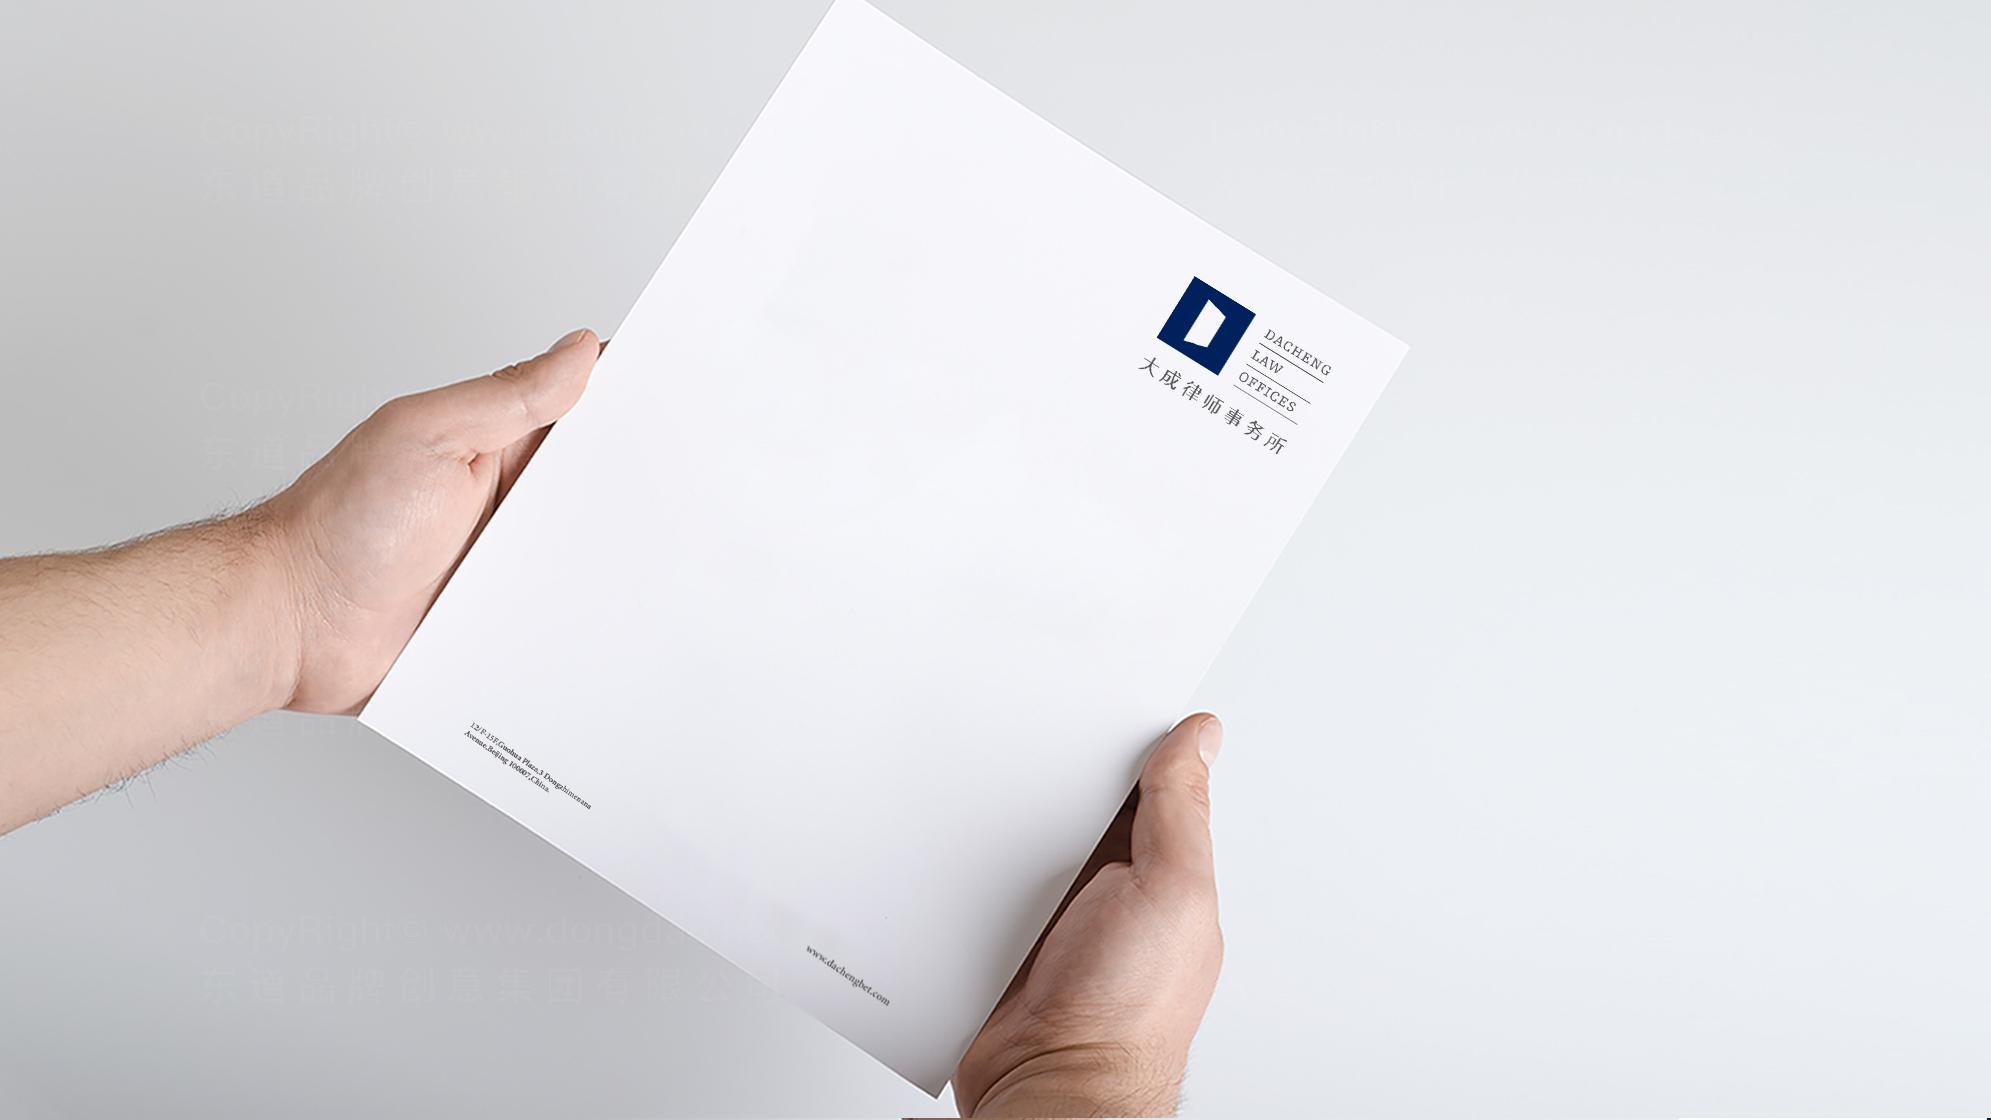 品牌设计大成律师事务所标志设计应用场景_3